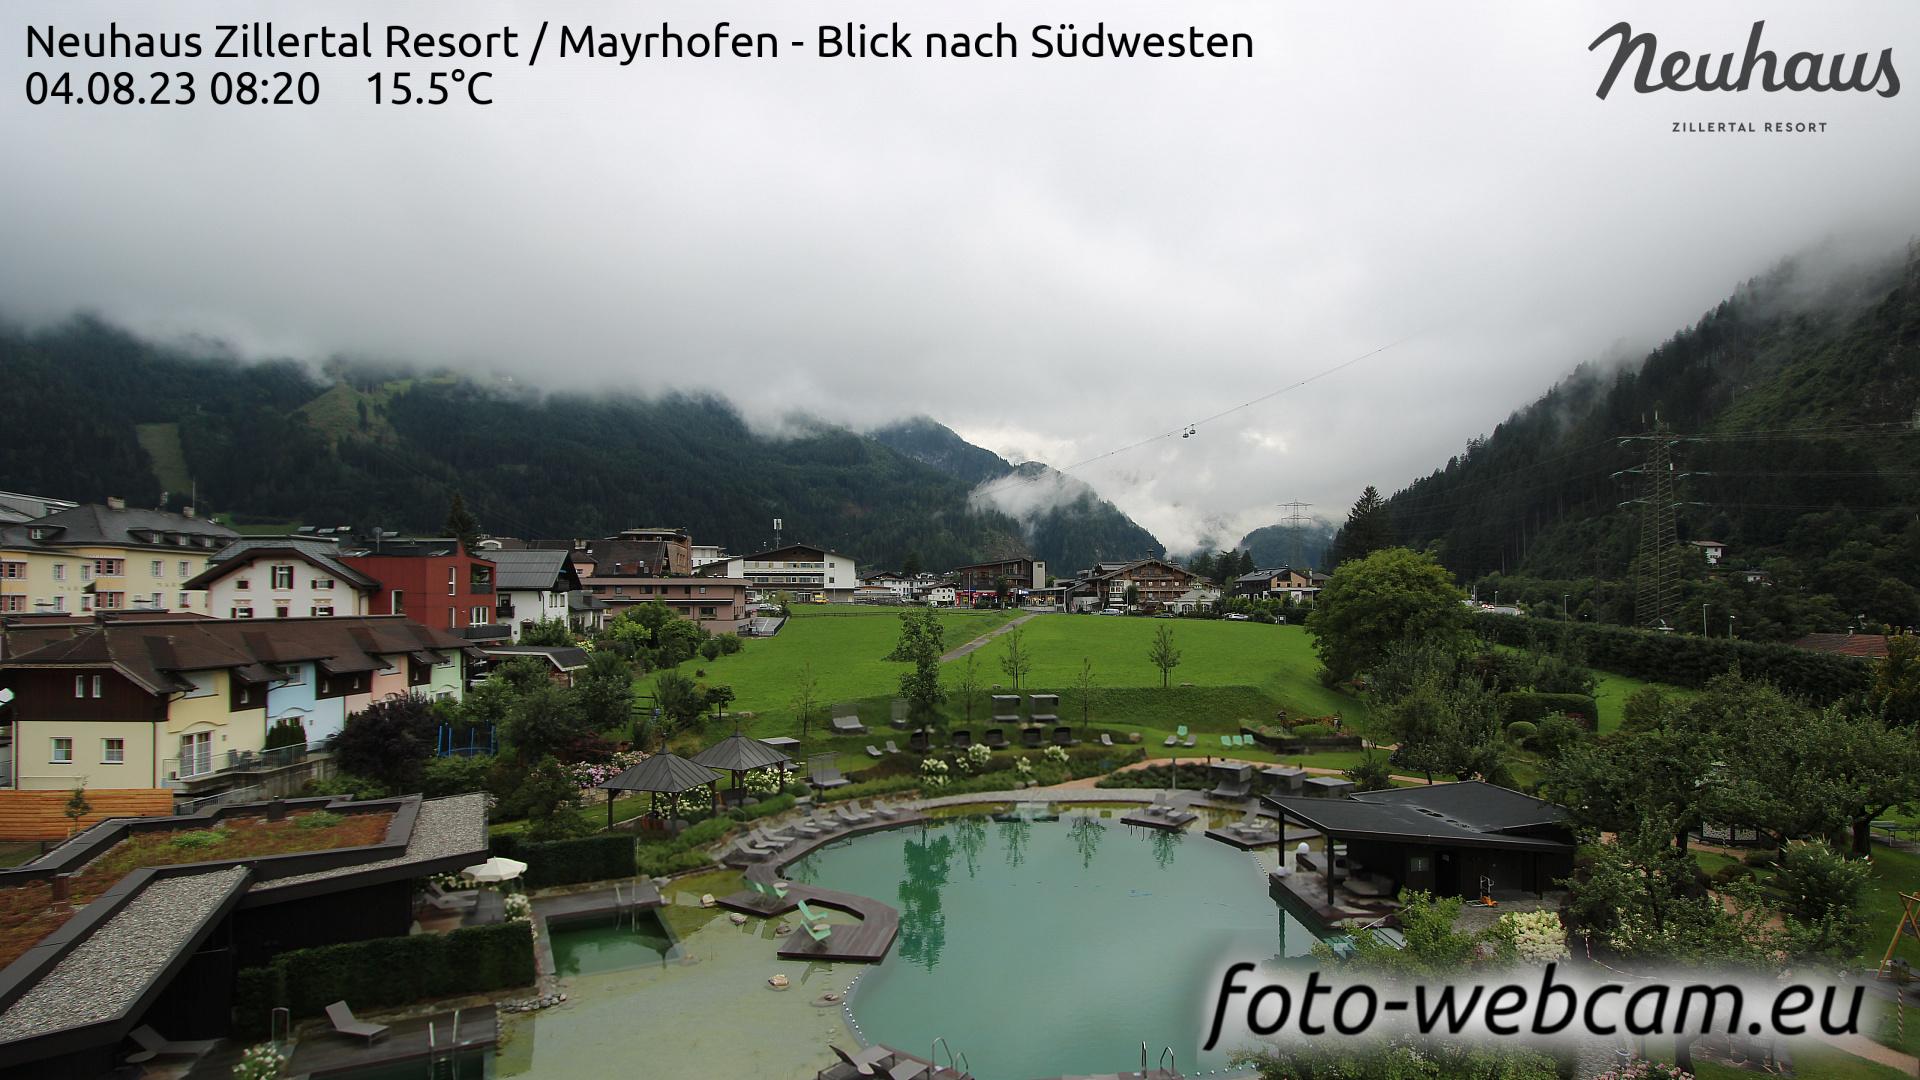 Mayrhofen Mon. 08:33